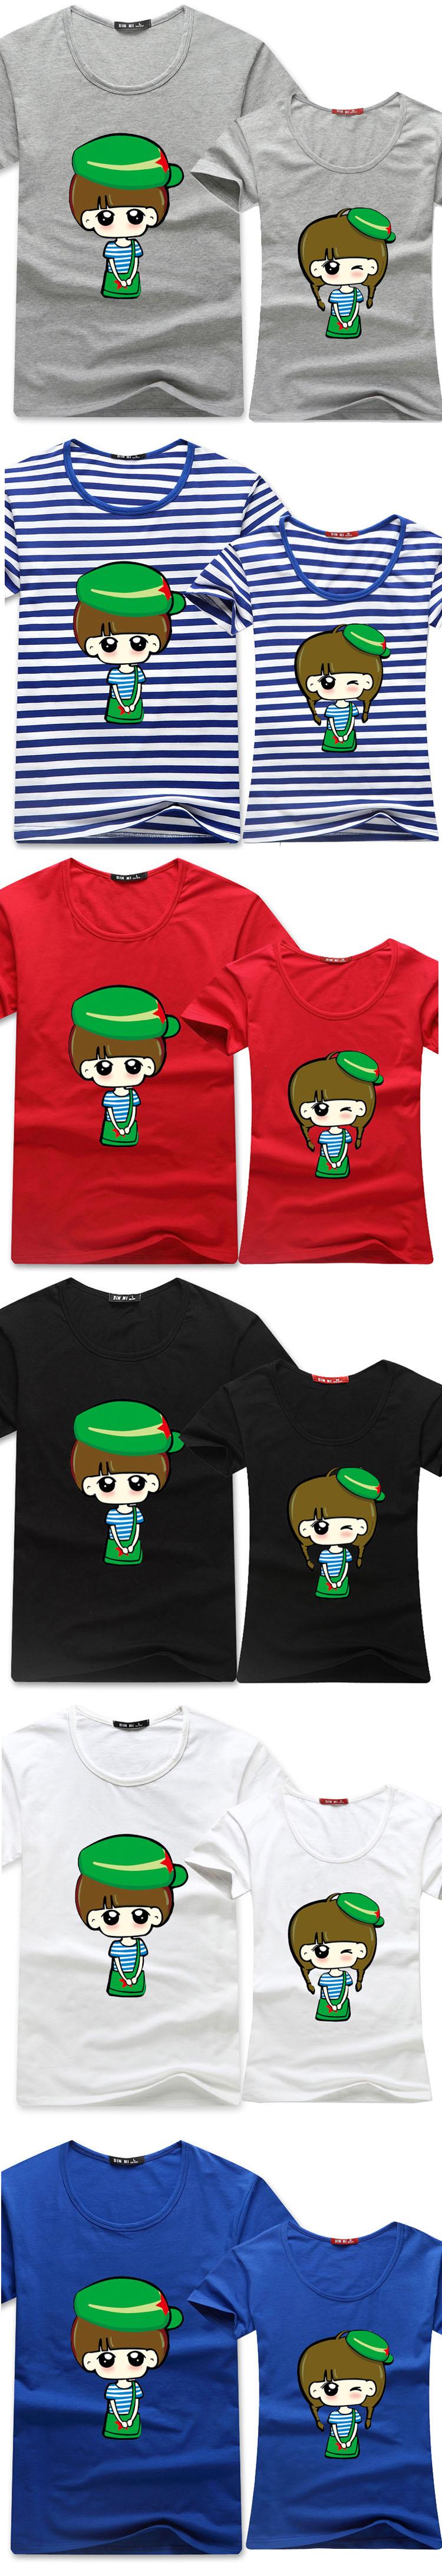 豪畔服饰 2014夏装新款韩版时尚休闲短袖t恤 夏季卡通